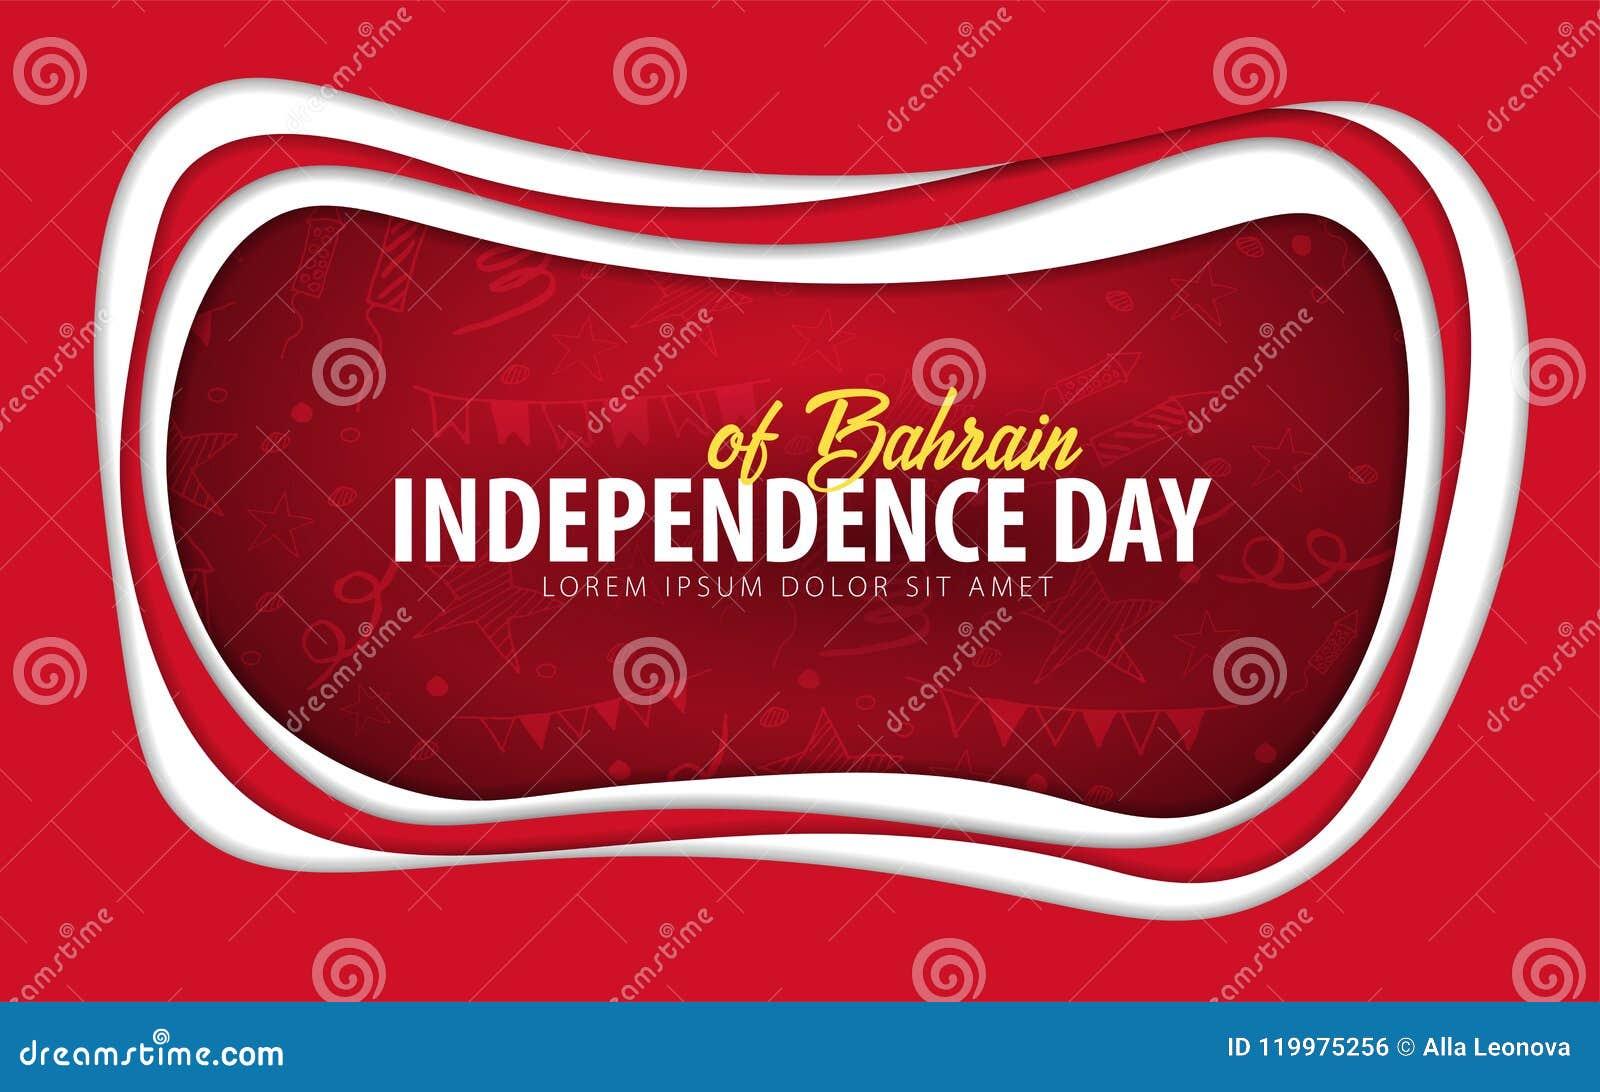 εγγυήσεων Ευχετήρια κάρτα ημέρας της ανεξαρτησίας το έγγραφο έκοψε το ύφος